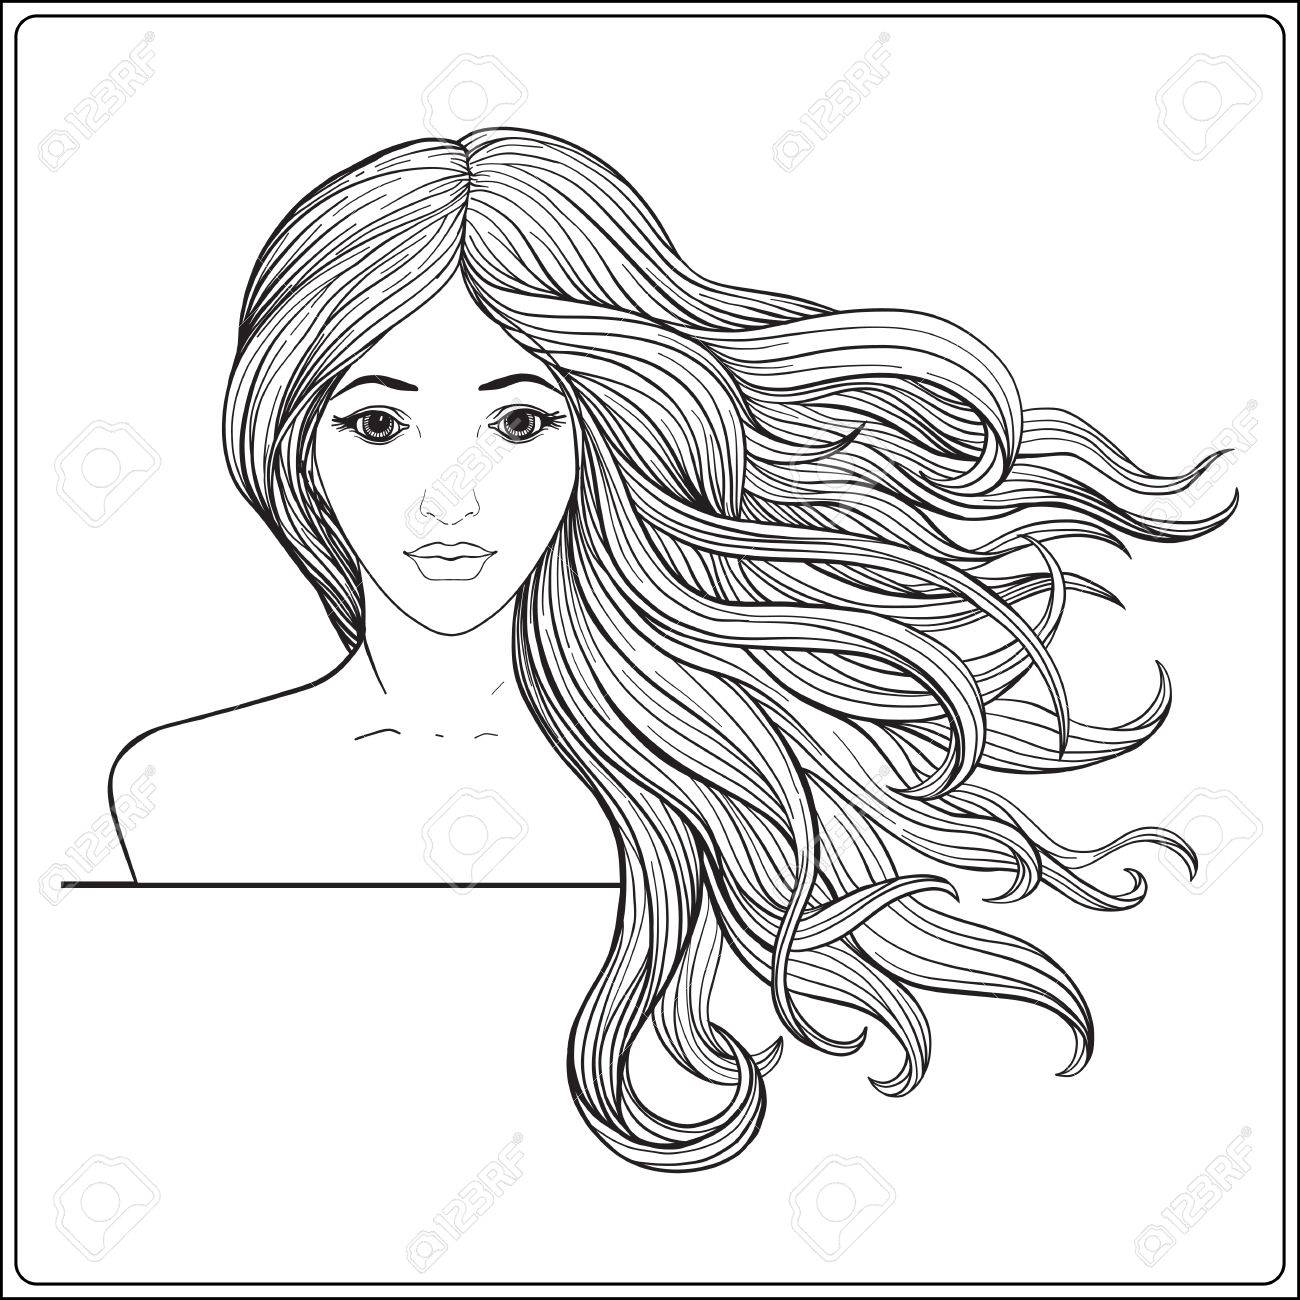 Coloriage Fille Cheveux Longs.Belle Jeune Fille Avec De Longues Cheveux Composition Vectorielle Ligne Apercu Illustration De La Ligne De Coloriage Coloriage Pour La Page De